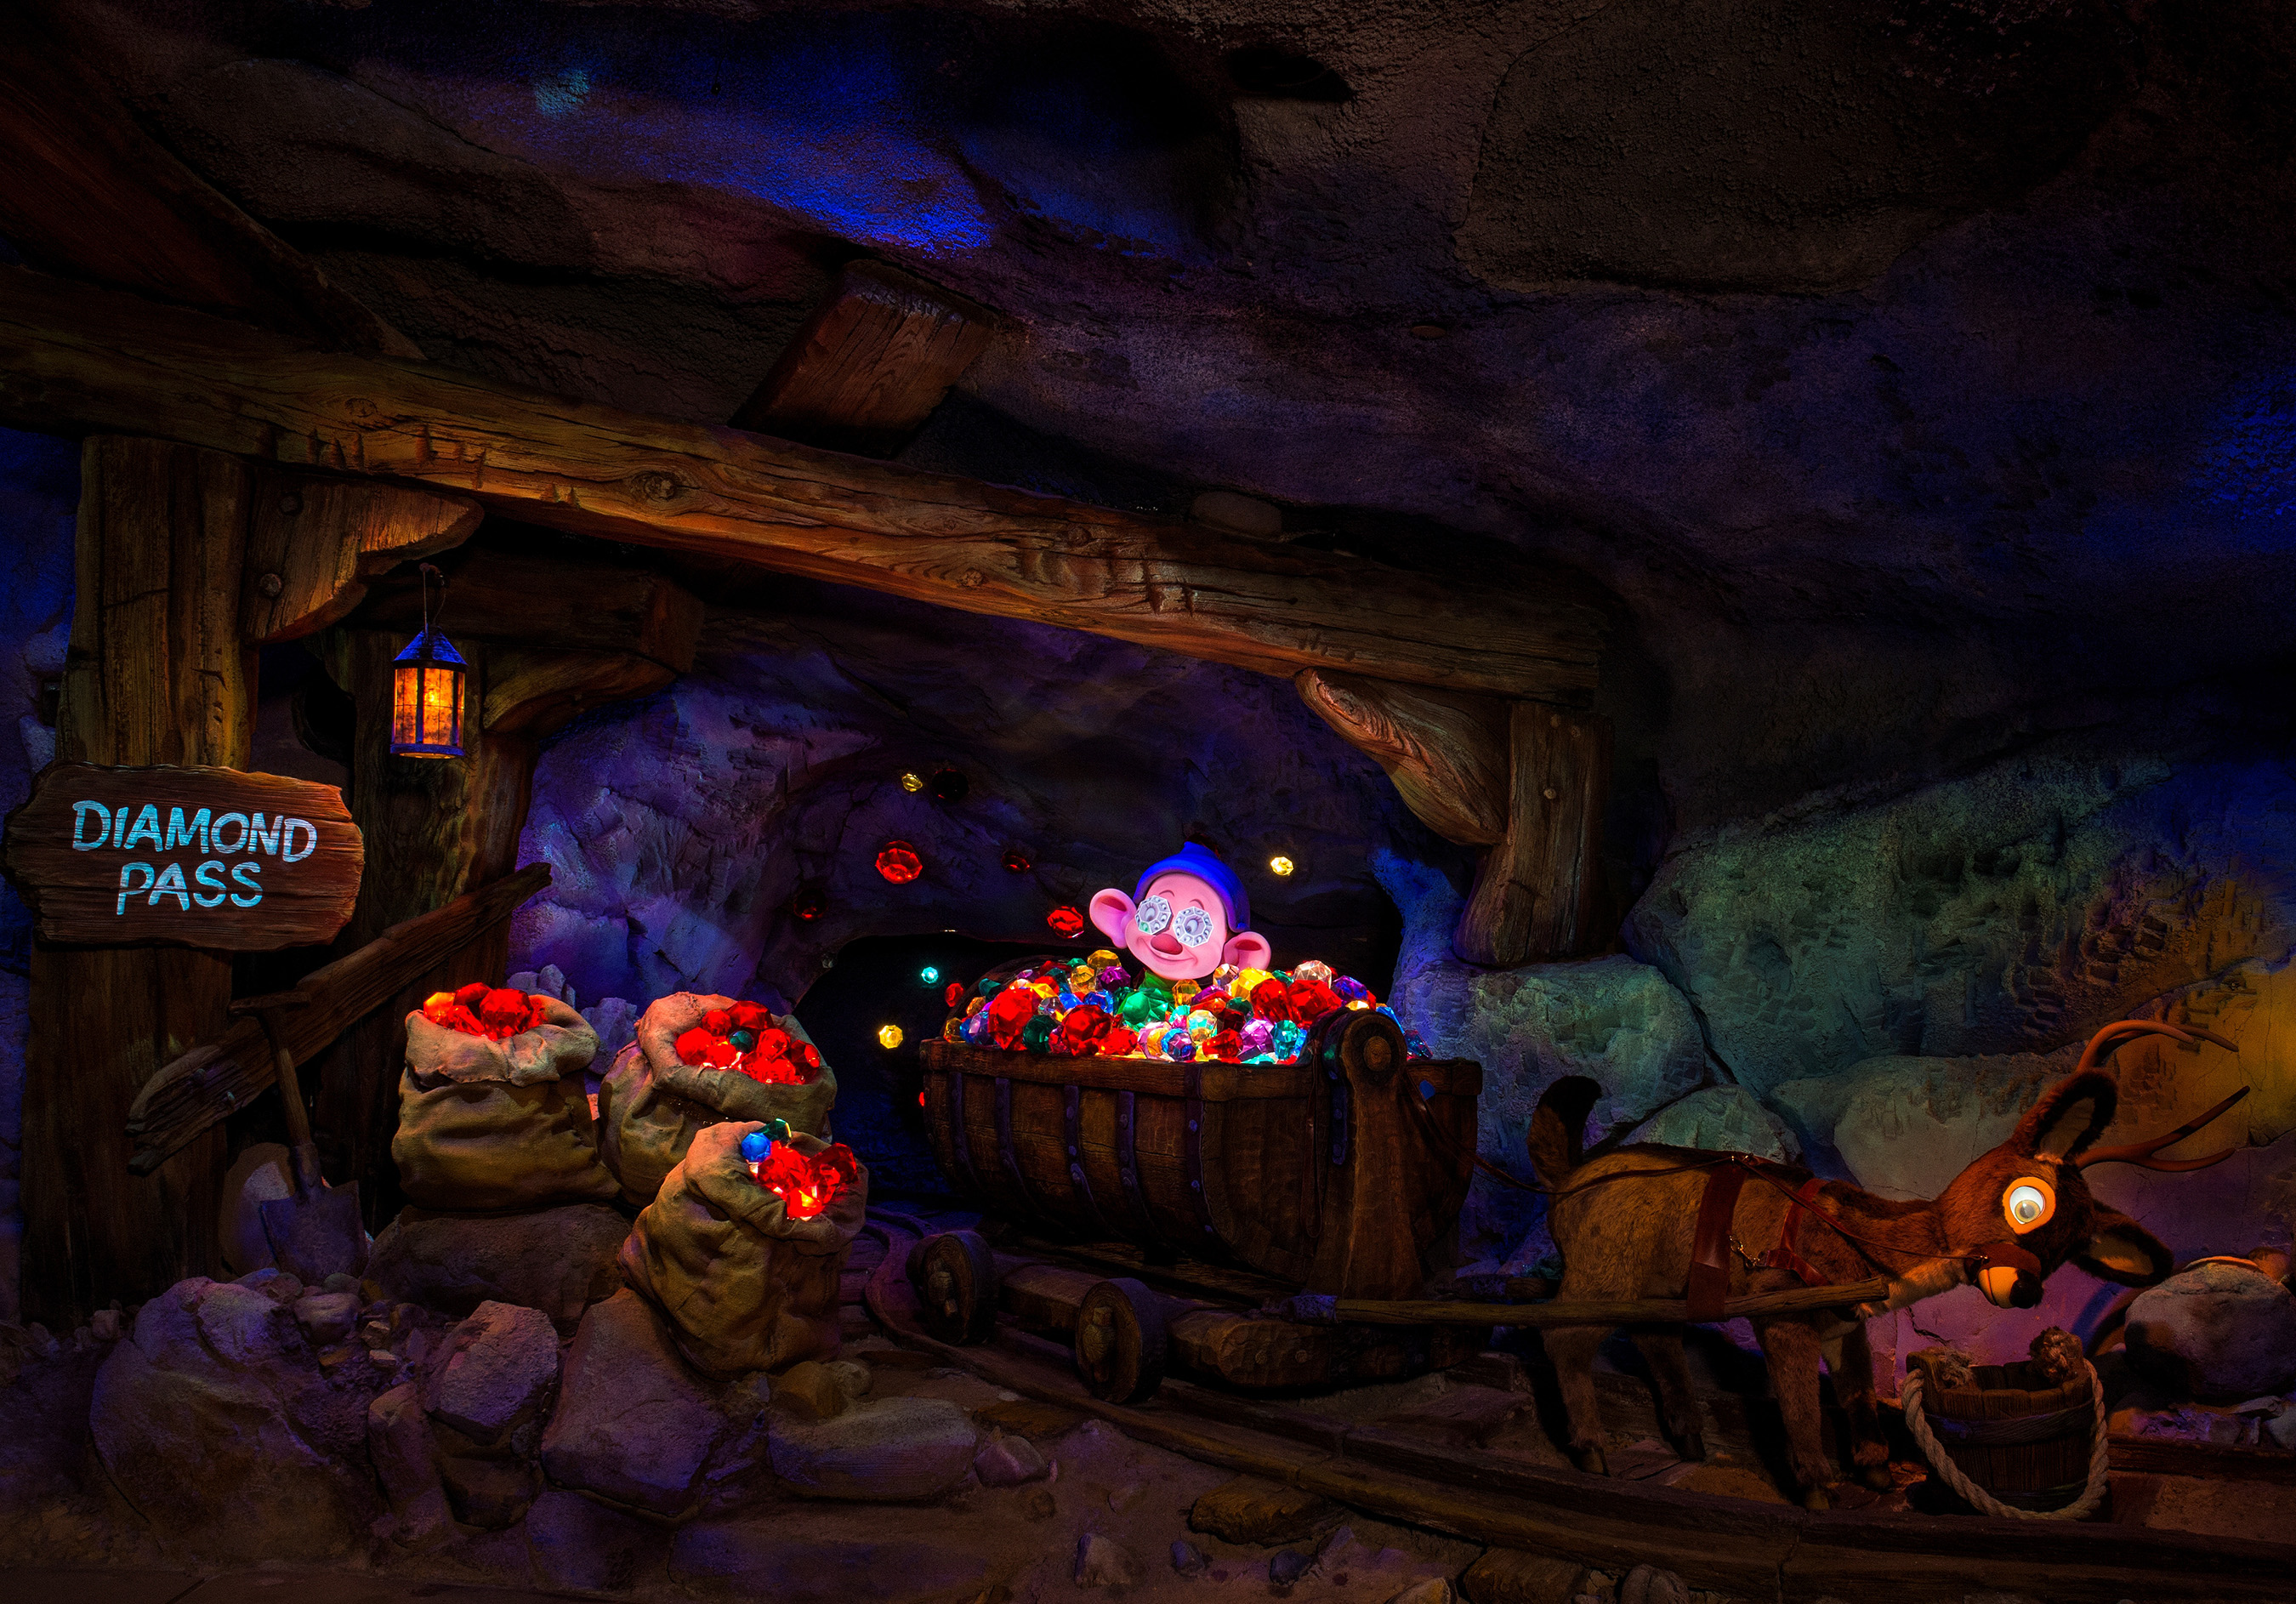 disney 7 dwarfs mine ride